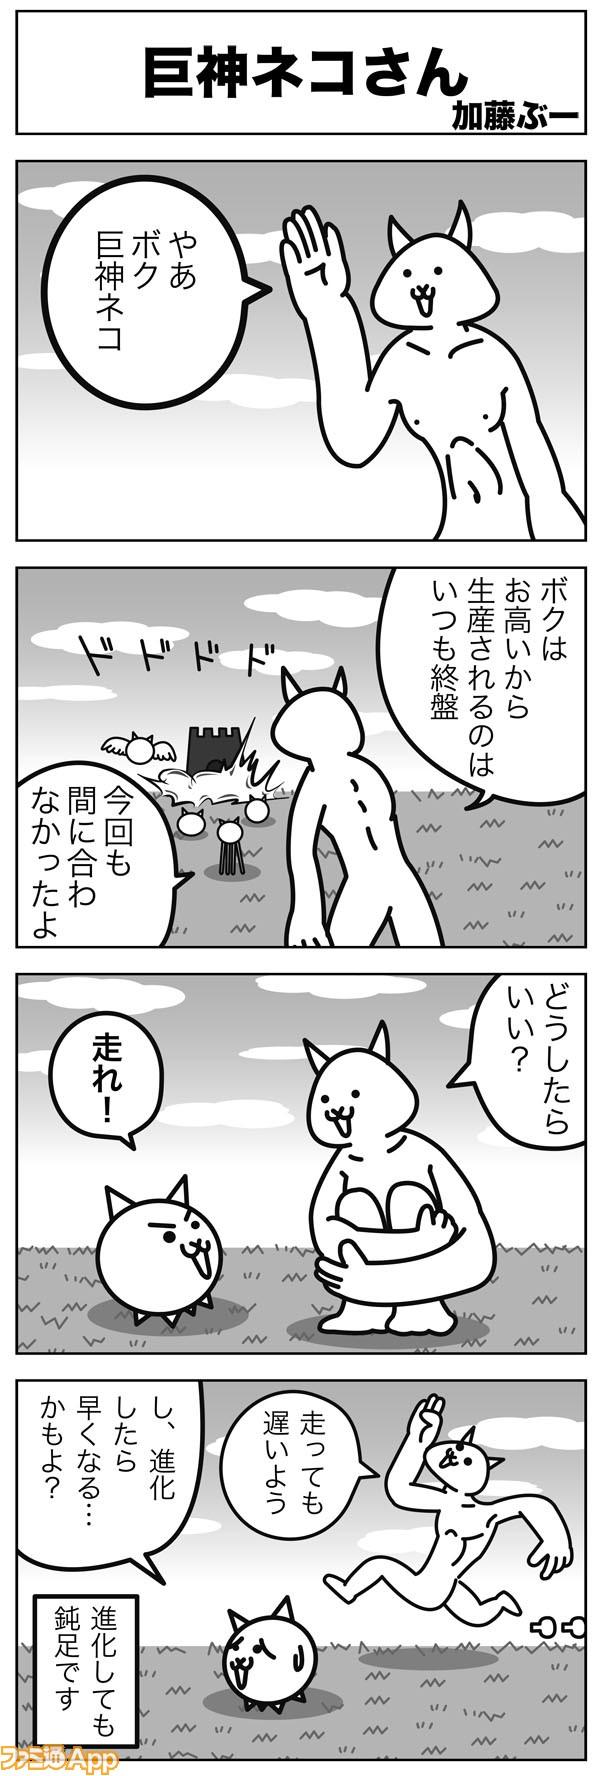 狂乱 攻略 大 巨神 戦争 の にゃんこ